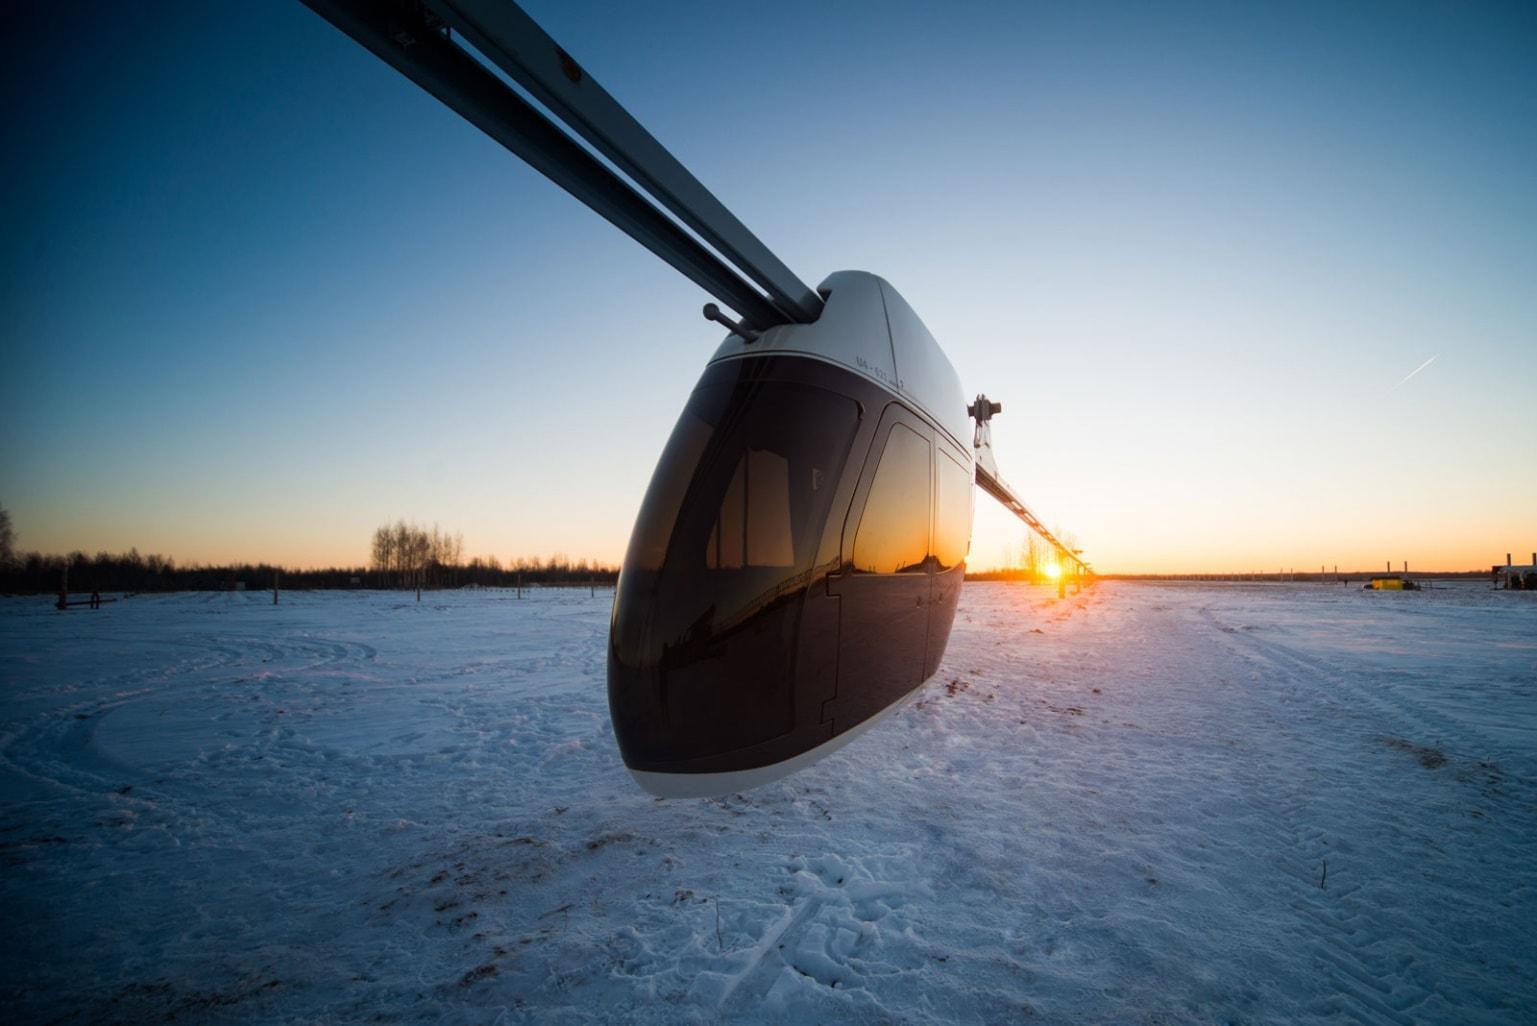 Рис. 9. Испытания подвижного состава на тестовом участке SkyWay (г. Марьина Горка, Беларусь, зима 2016)